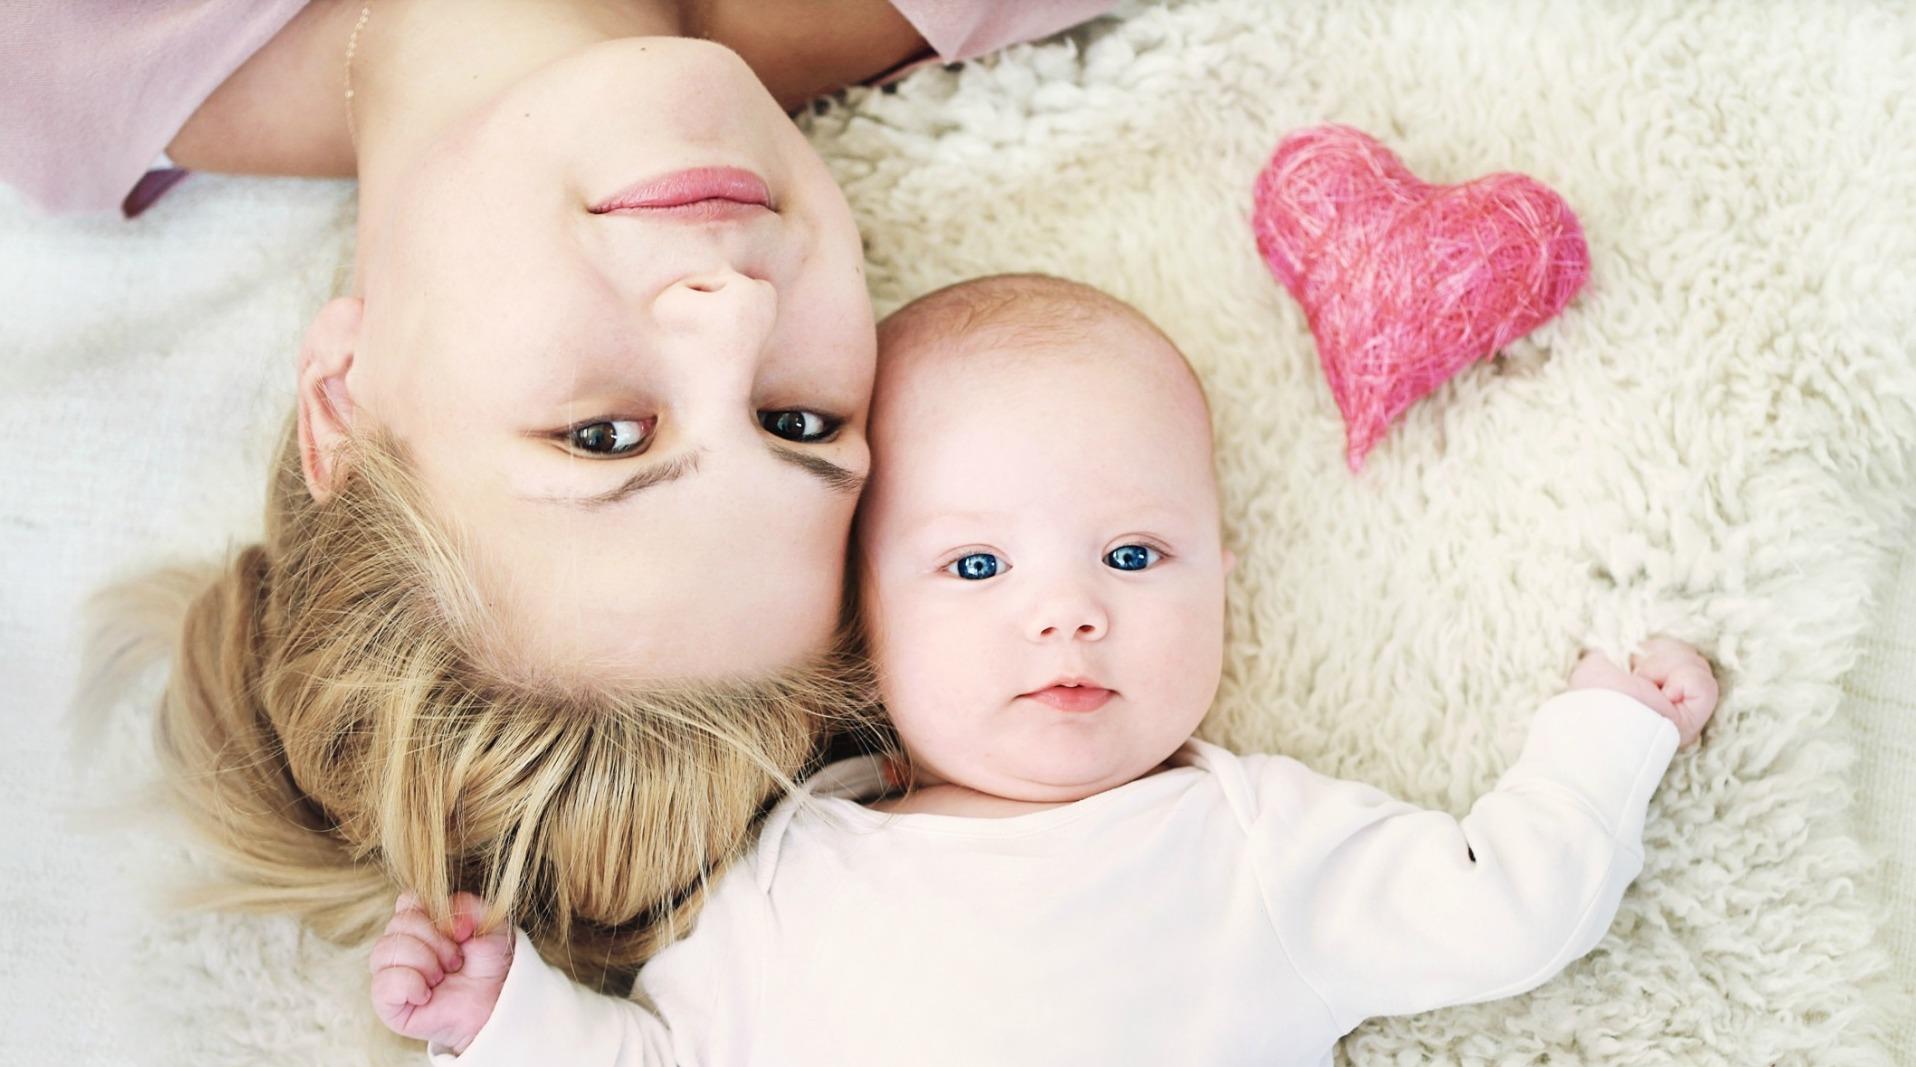 بالصور صور ولد وبنت , اجمل صور الولاد والبنات 6539 3